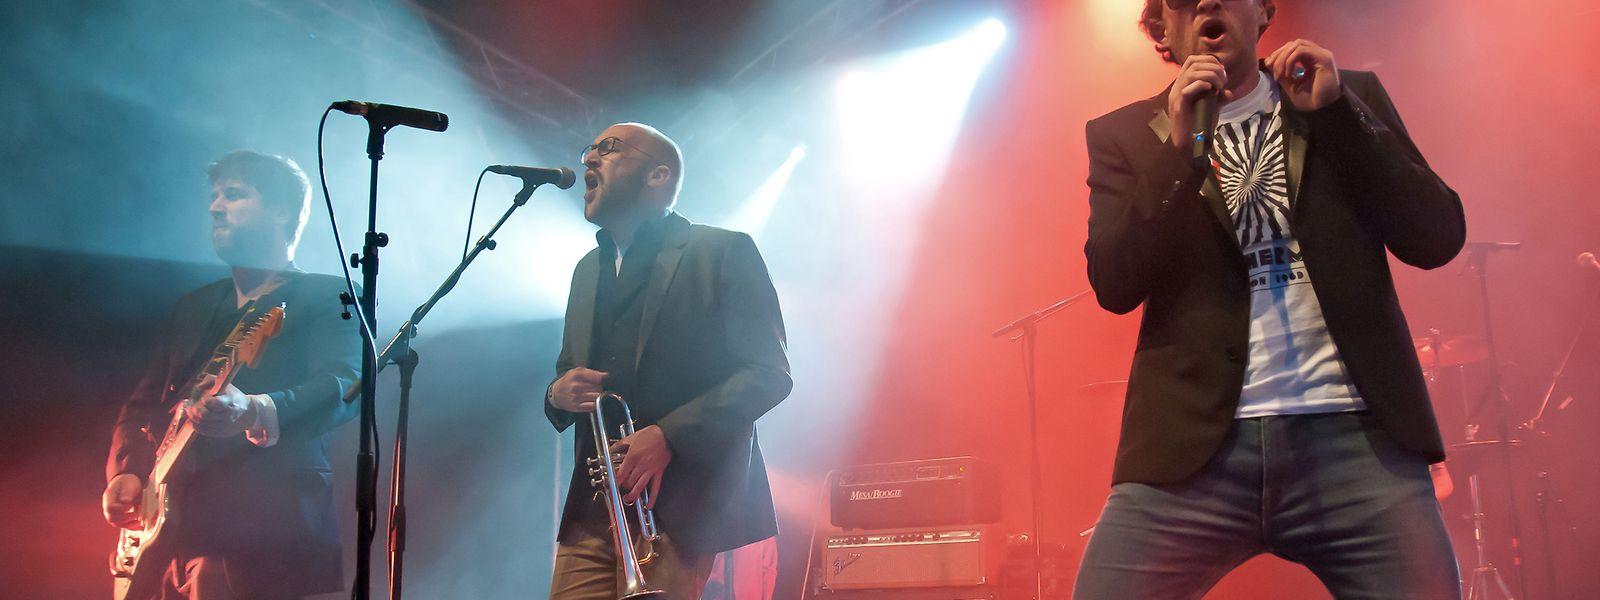 In der aktuellen Besetzung steht die Band seit fünf Jahren auf der Bühne, gegründet wurde sie aber bereits 2002.